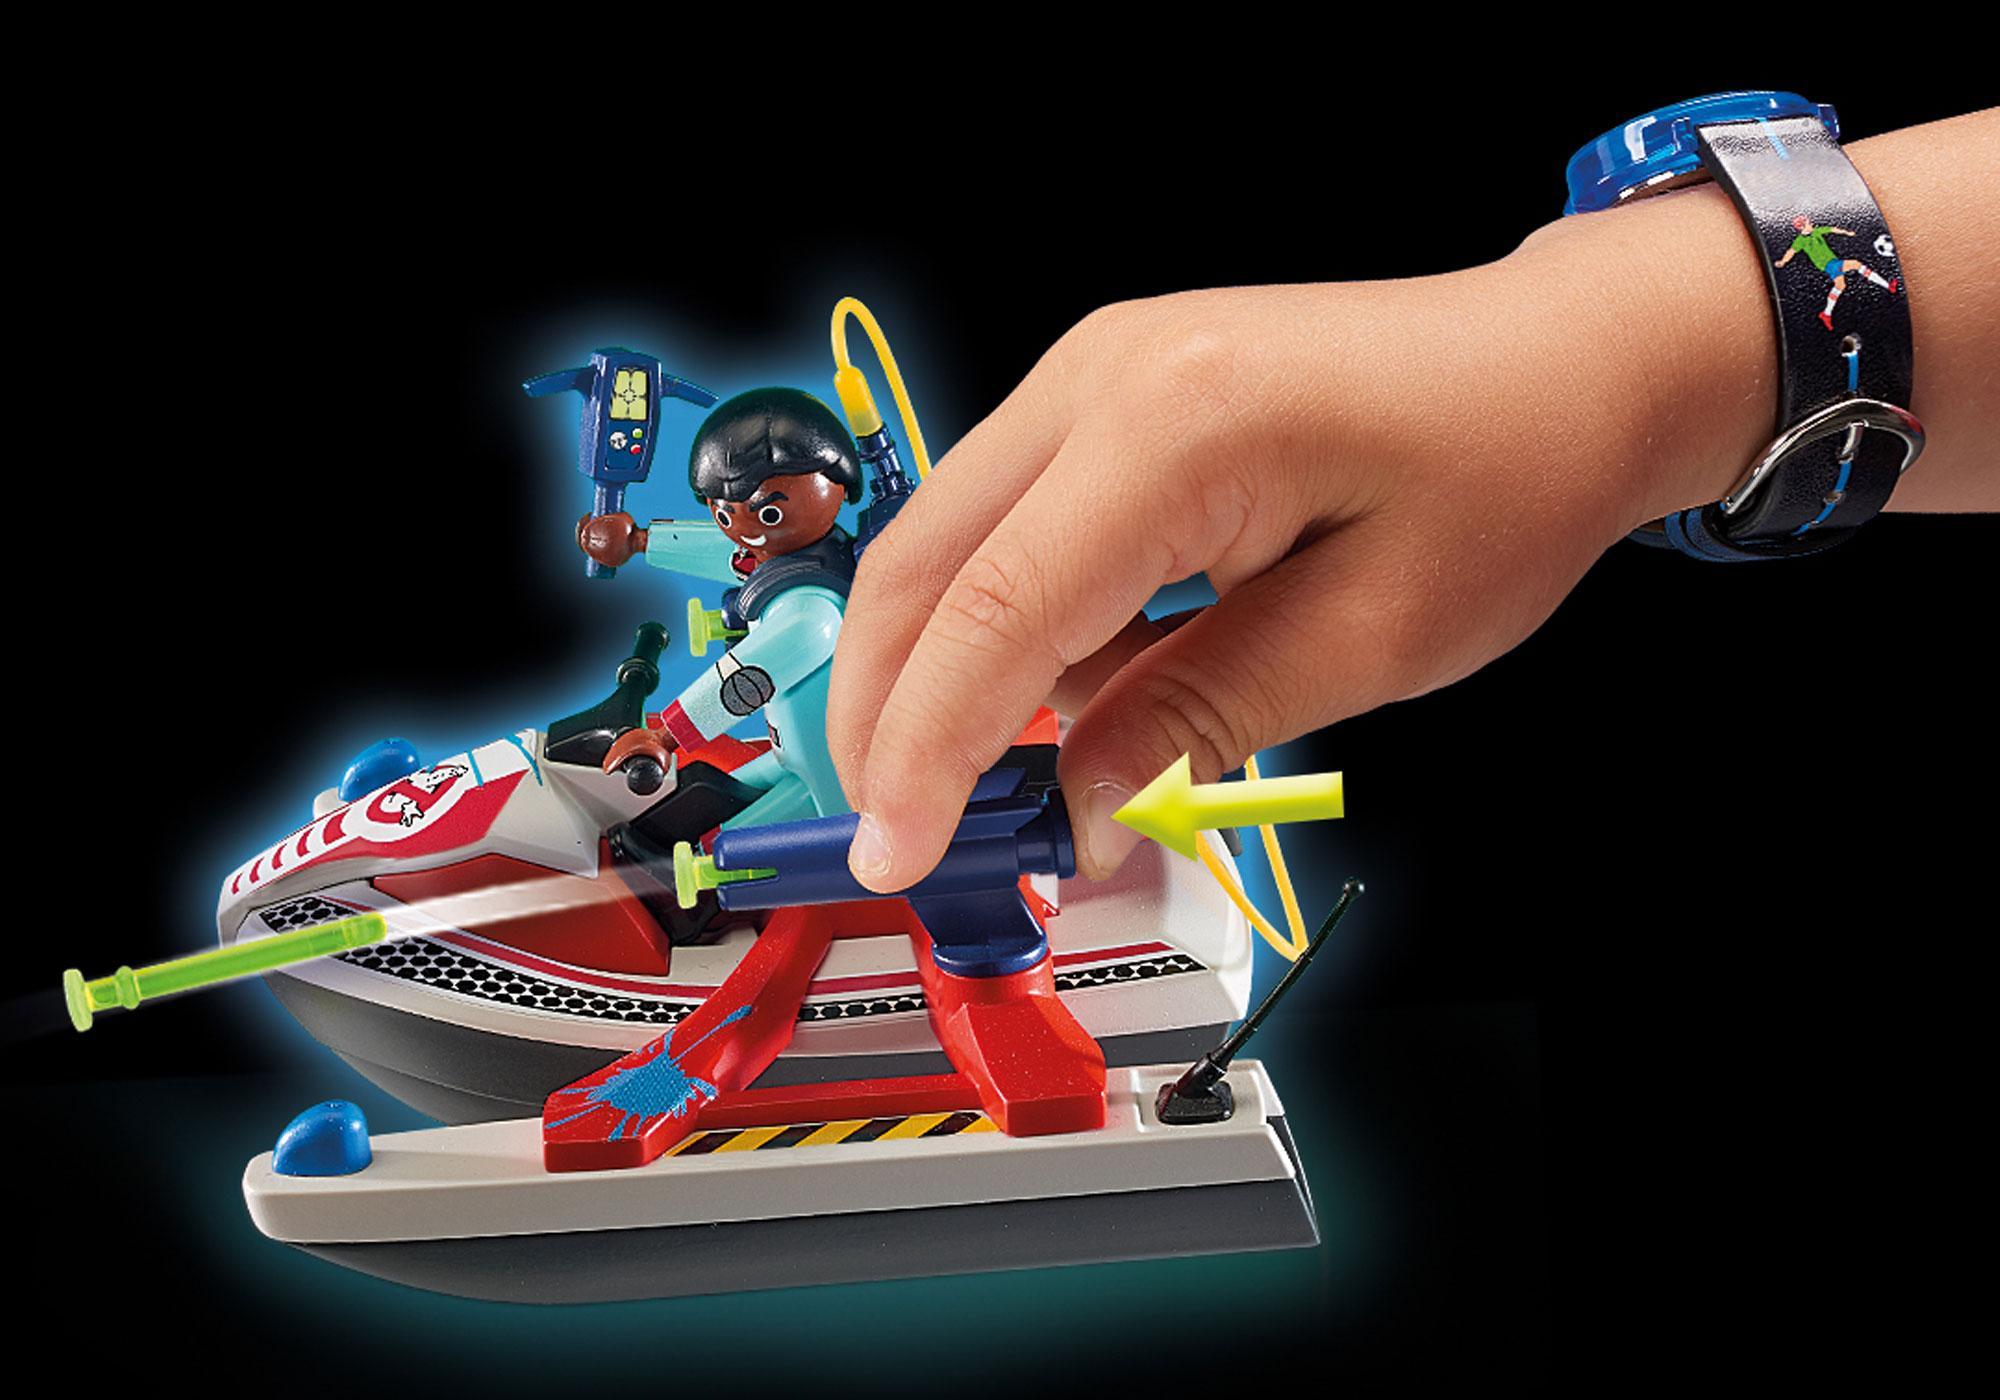 http://media.playmobil.com/i/playmobil/9387_product_extra1/Zeddemore com Moto de água